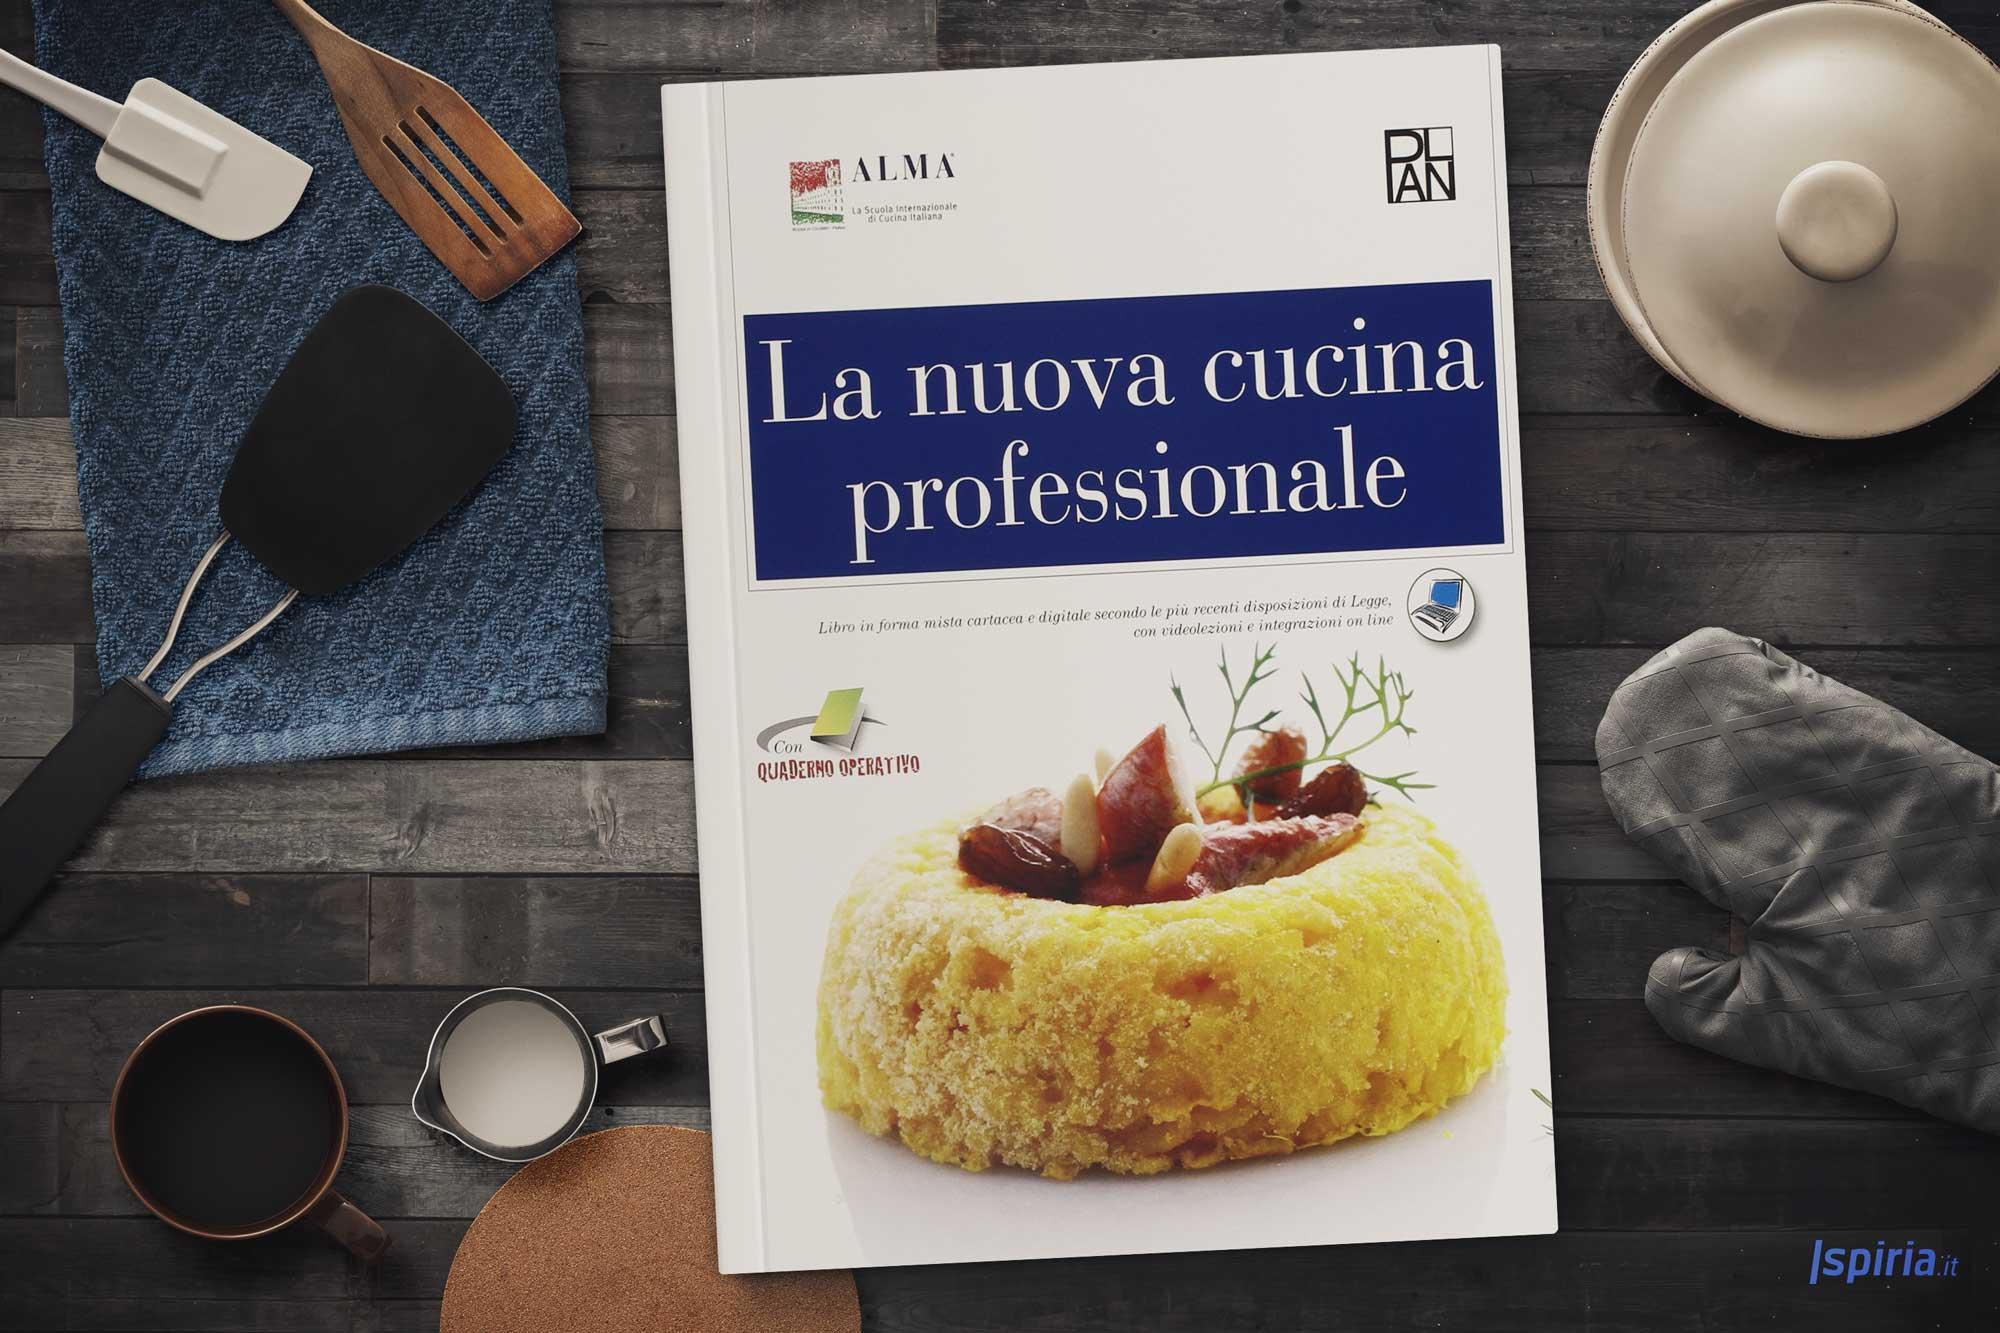 Libro di cucina professionale for Libri di cucina professionali pdf